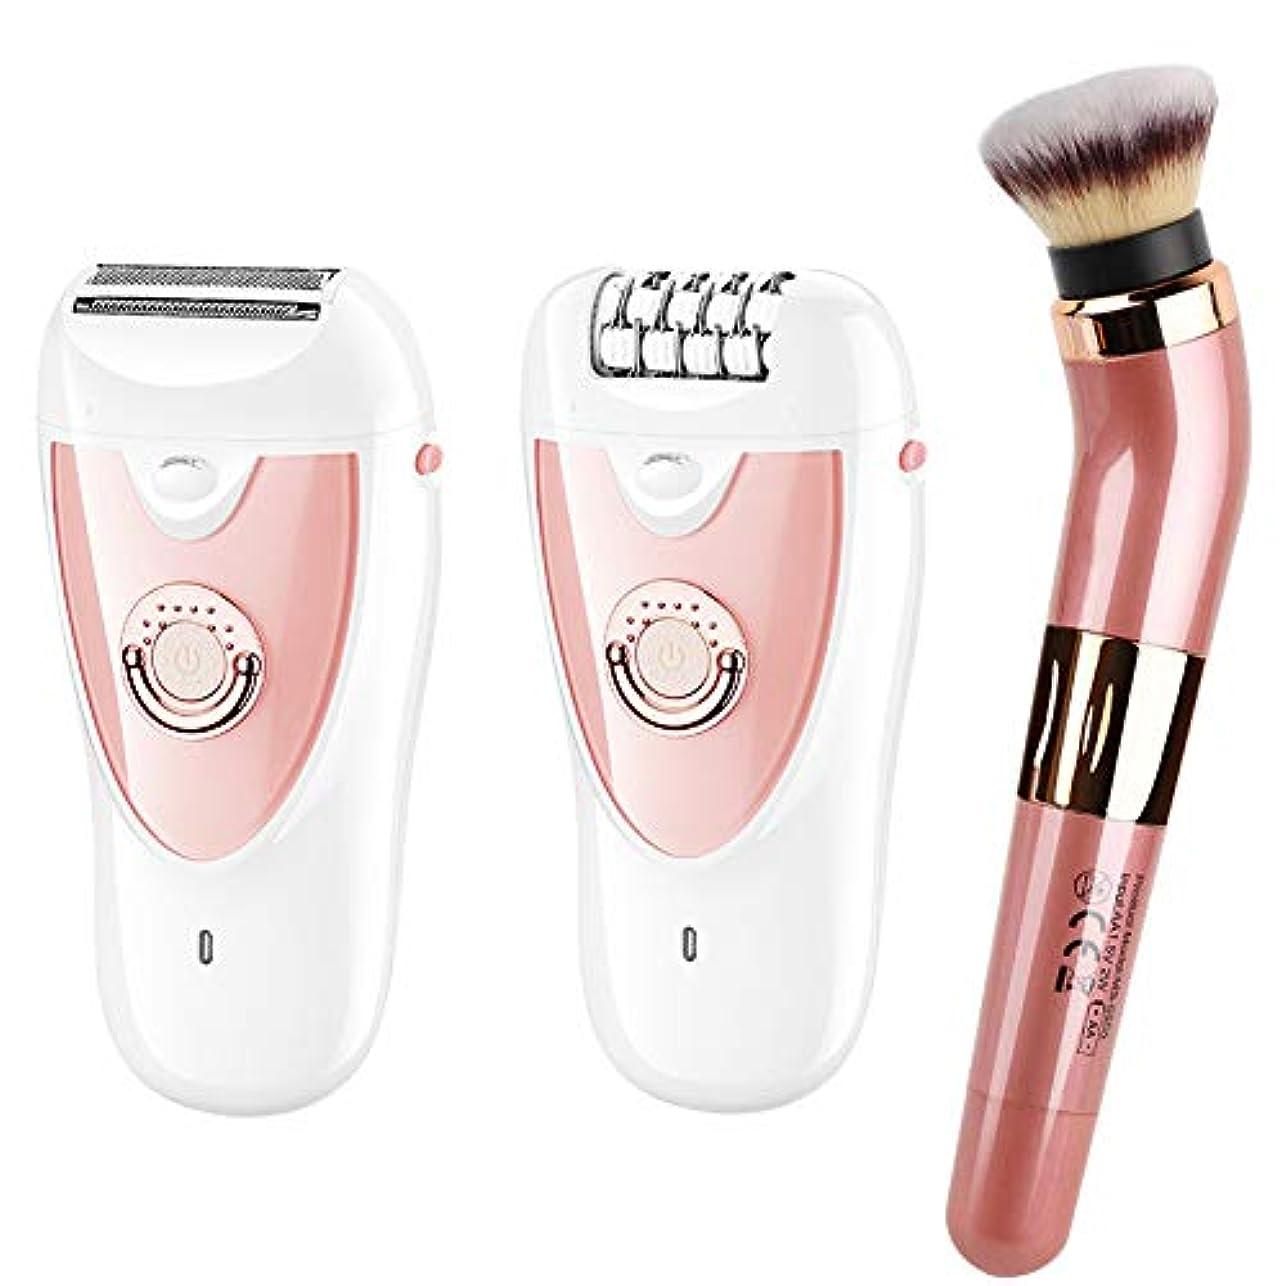 非常に怒っています専門買収電気女性のヘアリムーバー2 in 1充電モードシェーバー洗える多機能セカンドギア付きLEDライトカミソリそして電動化粧ブラシ